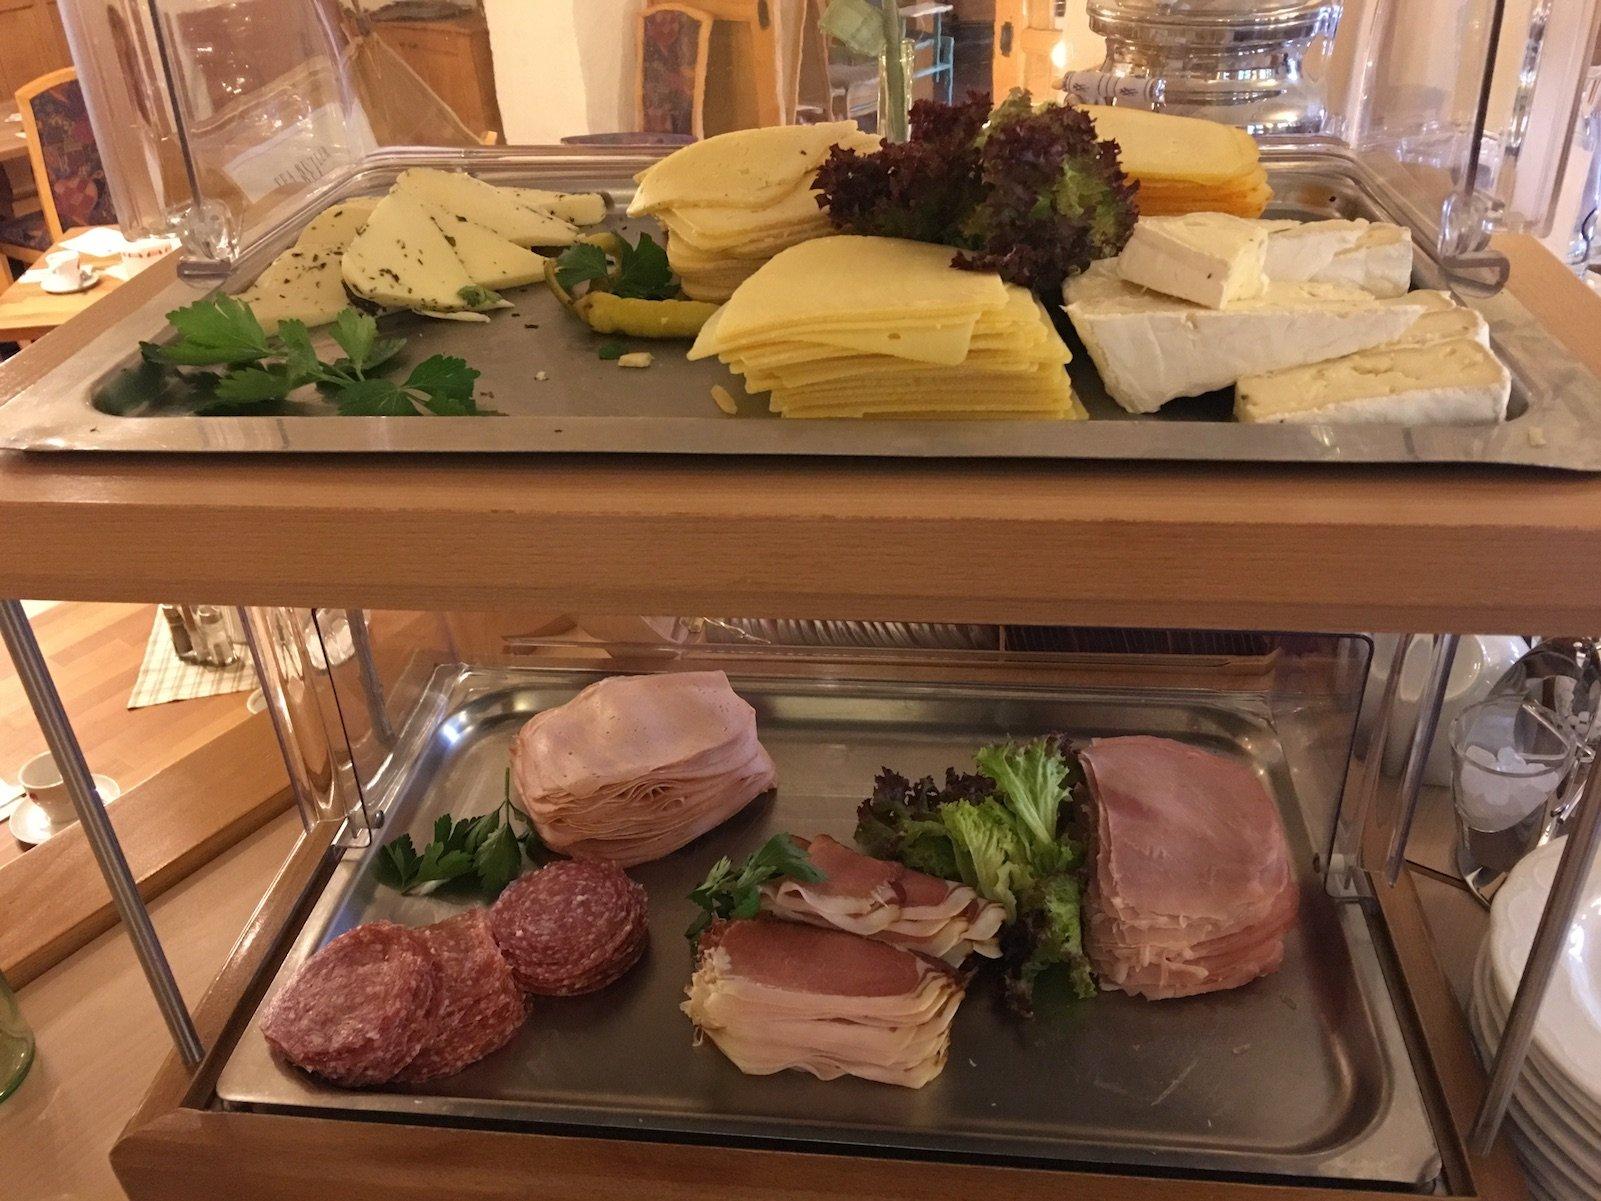 Wurst und Käse Auswahl im Hotel Landgasthof Lilie in Höfen zum Frühstück